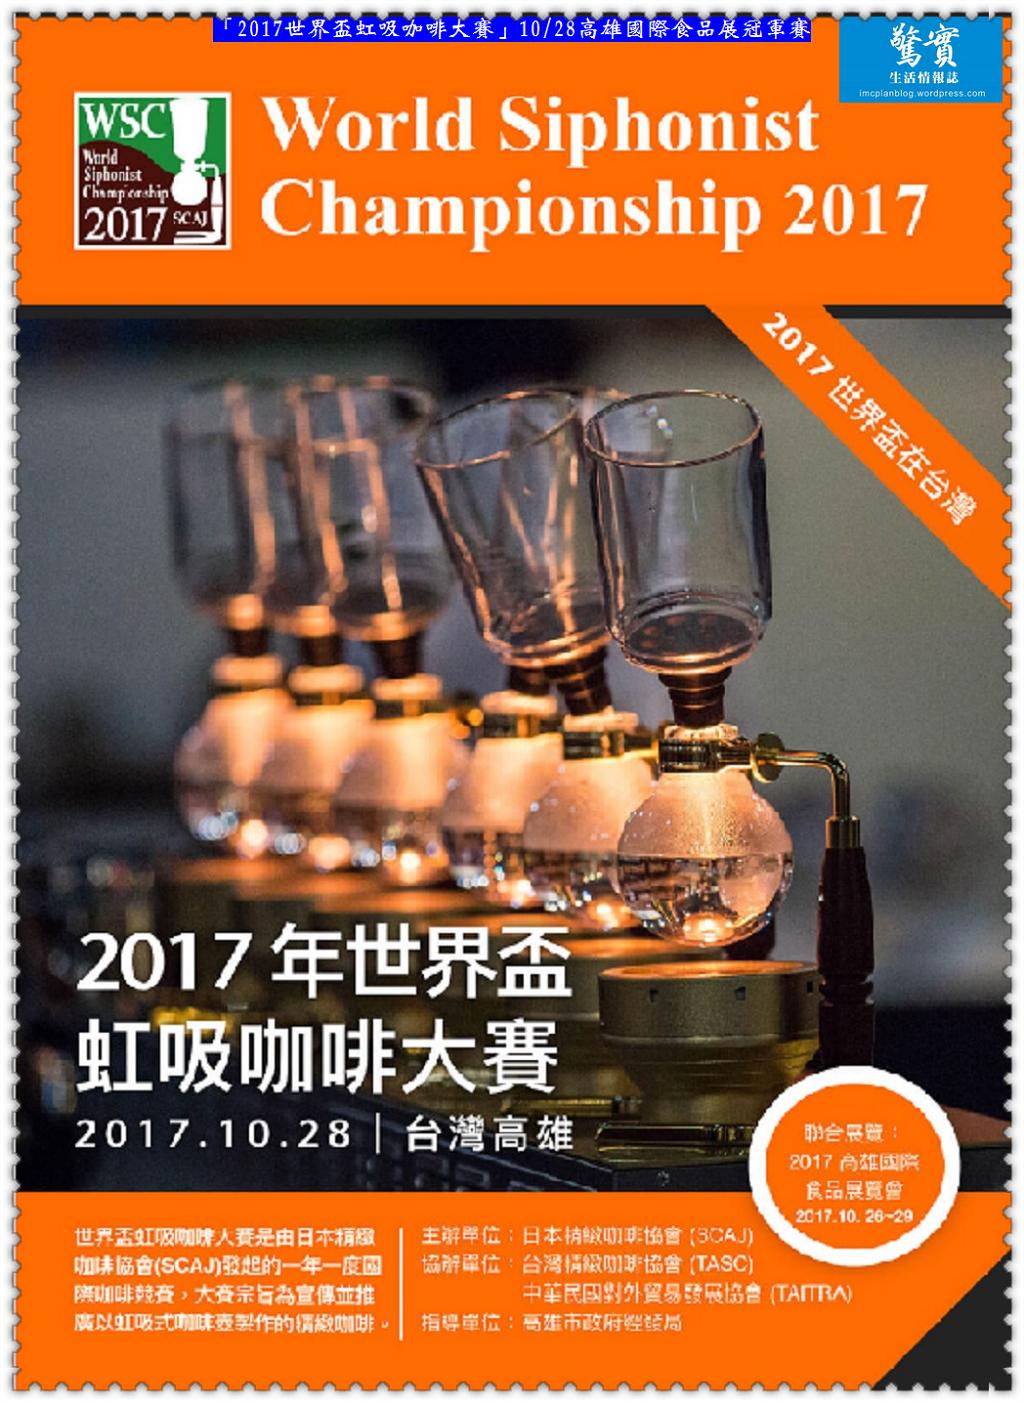 20171006b(驚實)-「2017世界盃虹吸咖啡大賽」1028高雄國際食品展冠軍賽02